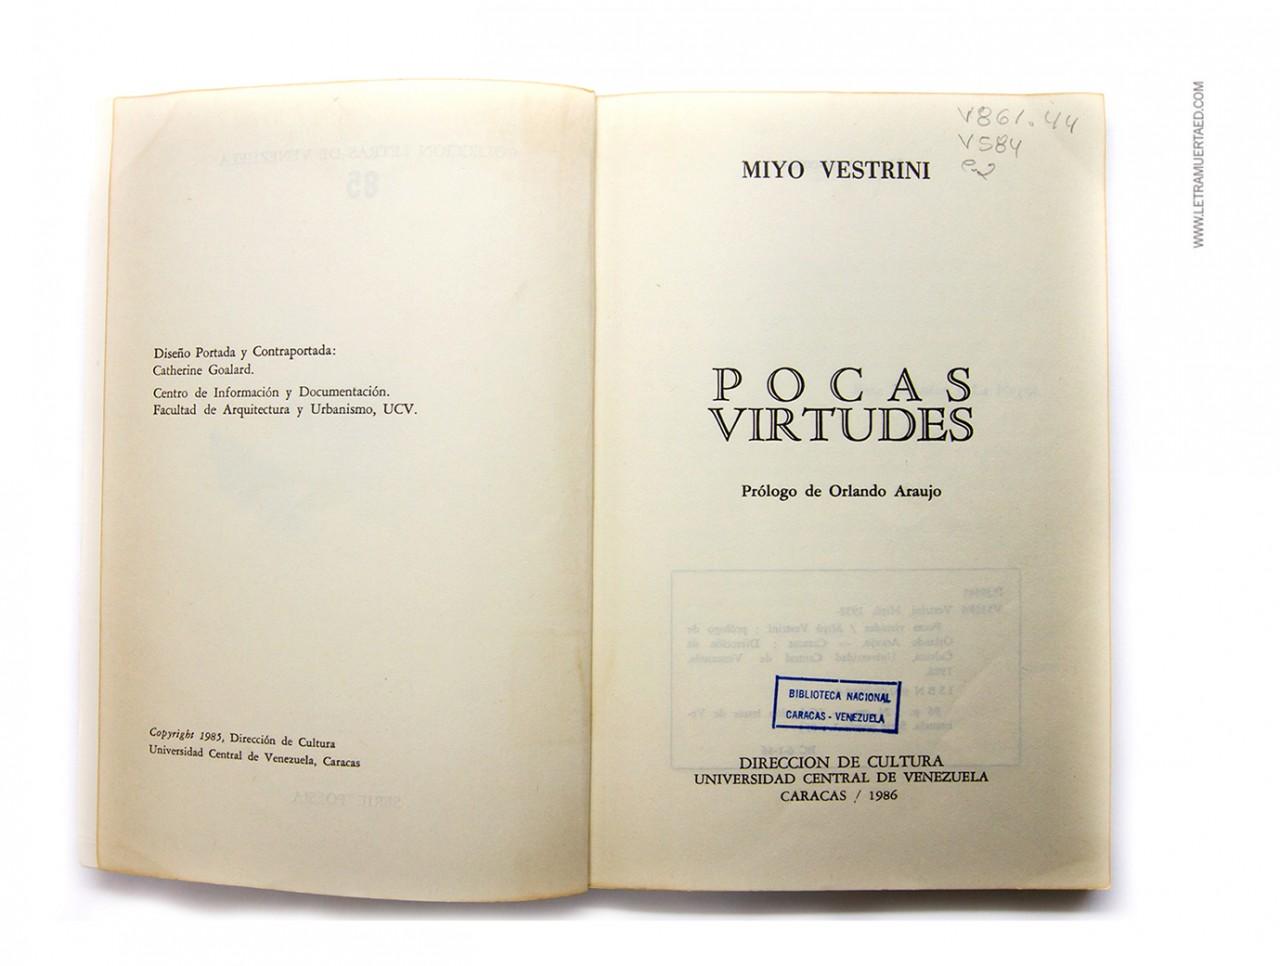 «Pocas Virtudes». Caracas, Ediciones de la Dirección de Cultura Universidad Central de Venezuela, 1986. 1a. edic. Diseño de portada y contraportada: Catherine Goalard.